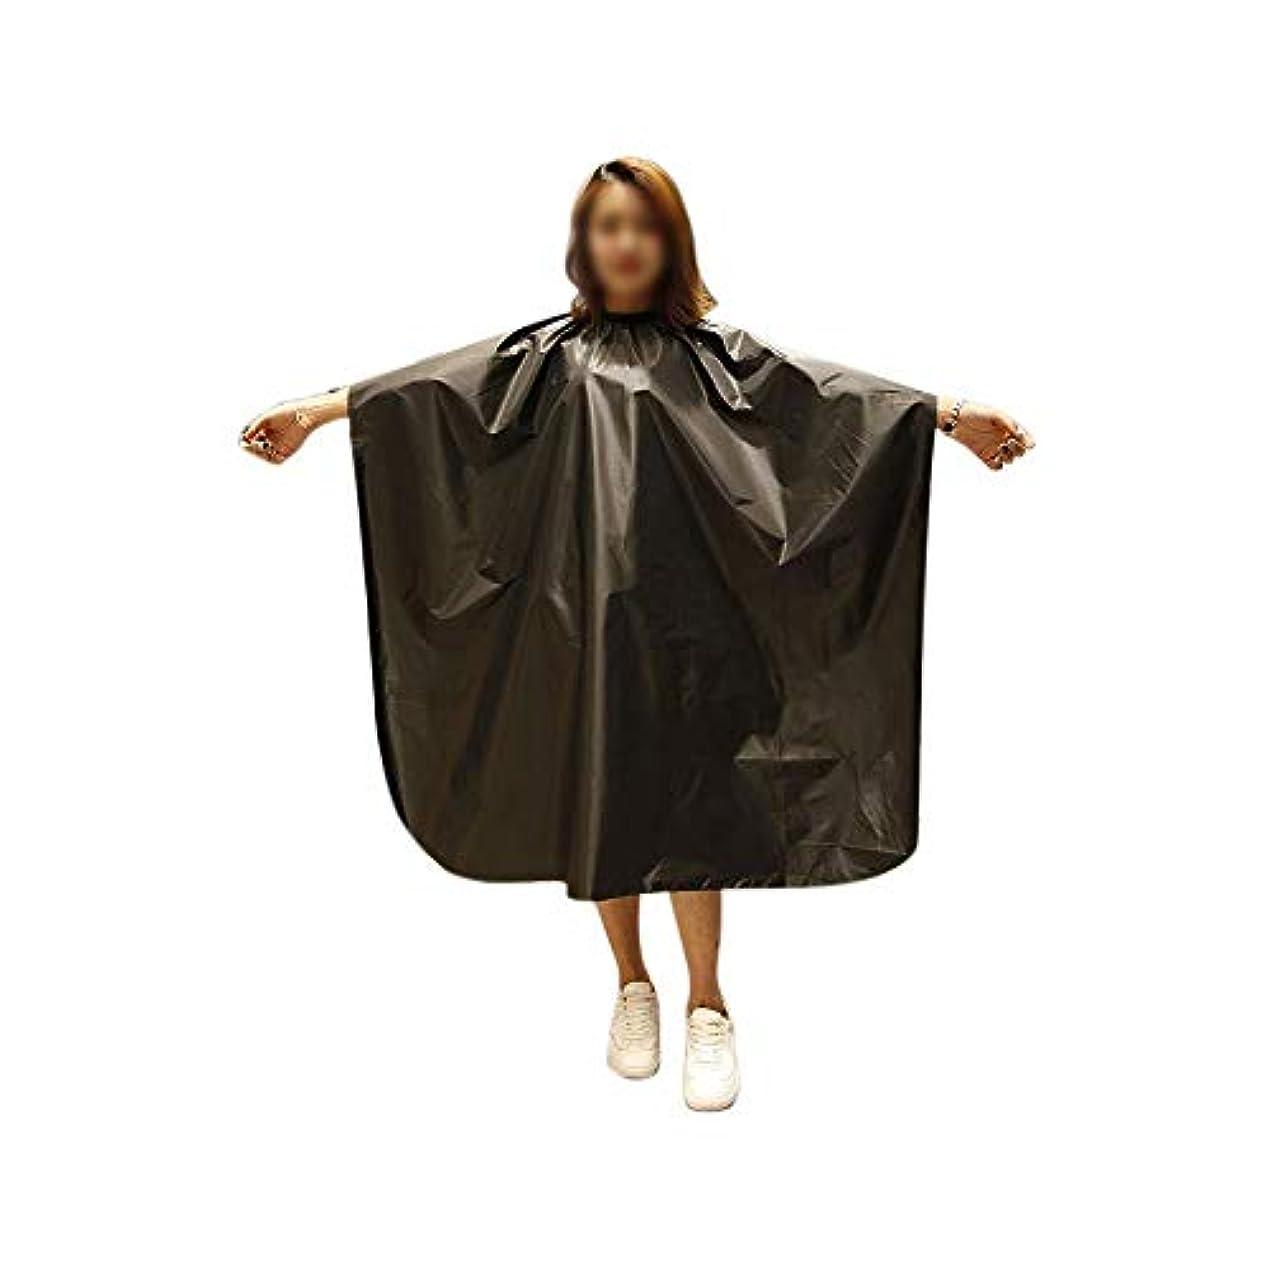 絶対の外科医テクトニックLucy Day 防水サロン理容散髪ケープガウン美容院エプロンケープ